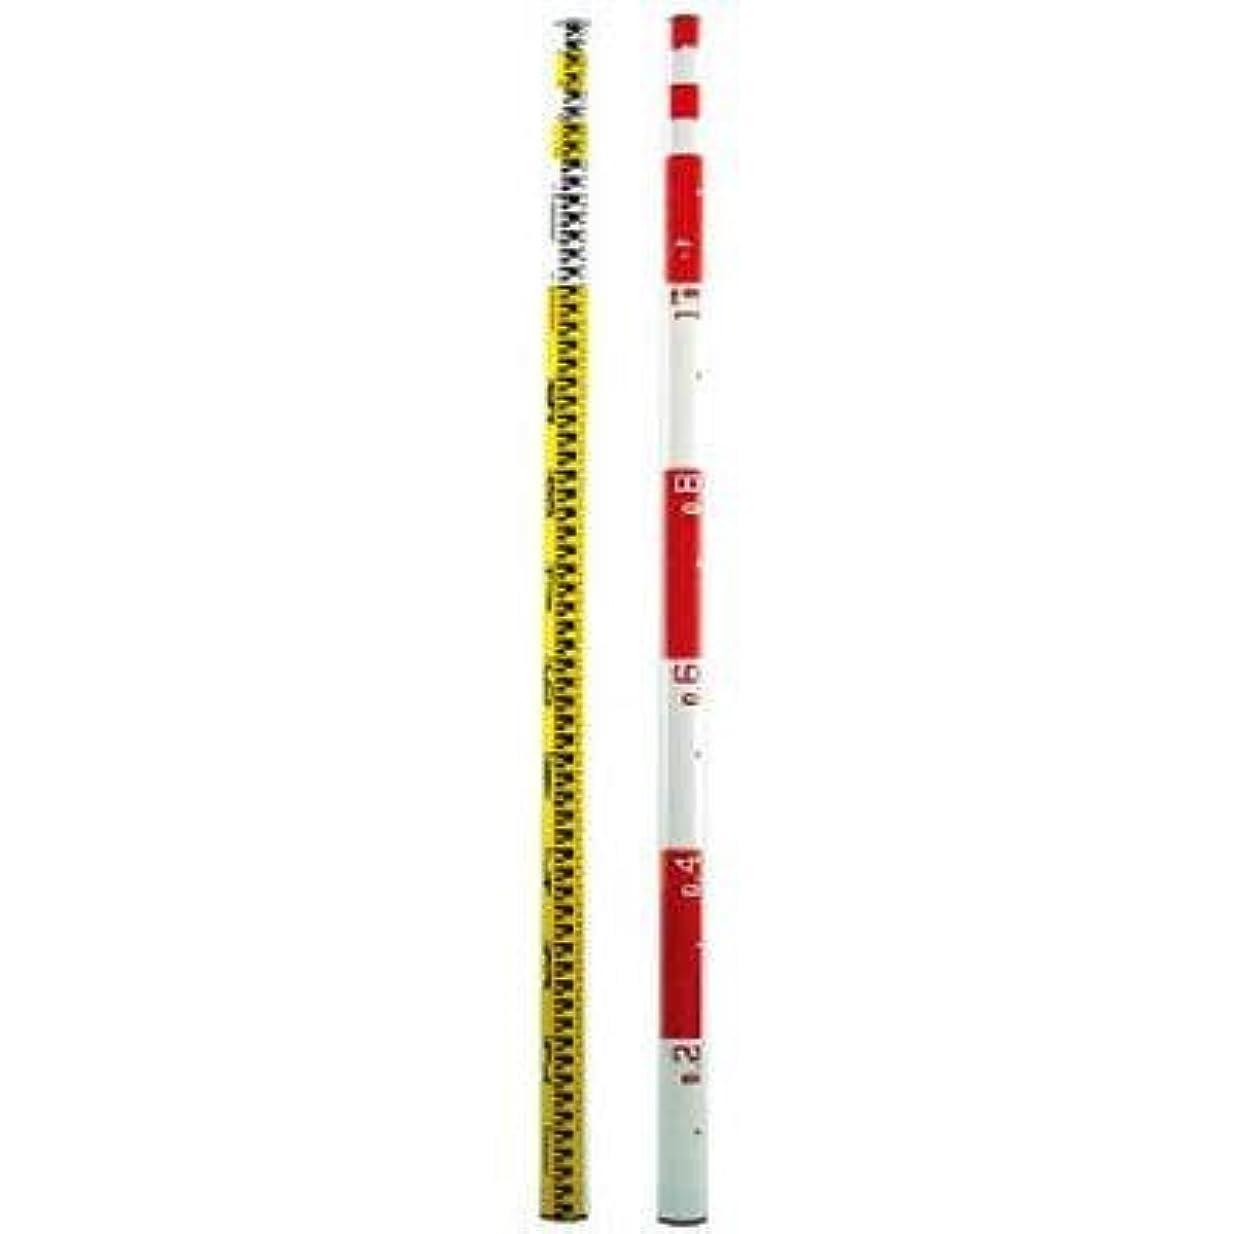 現象農業後宣真工業:宣真 SKロッド 205-5m 205-5 型式:205-5